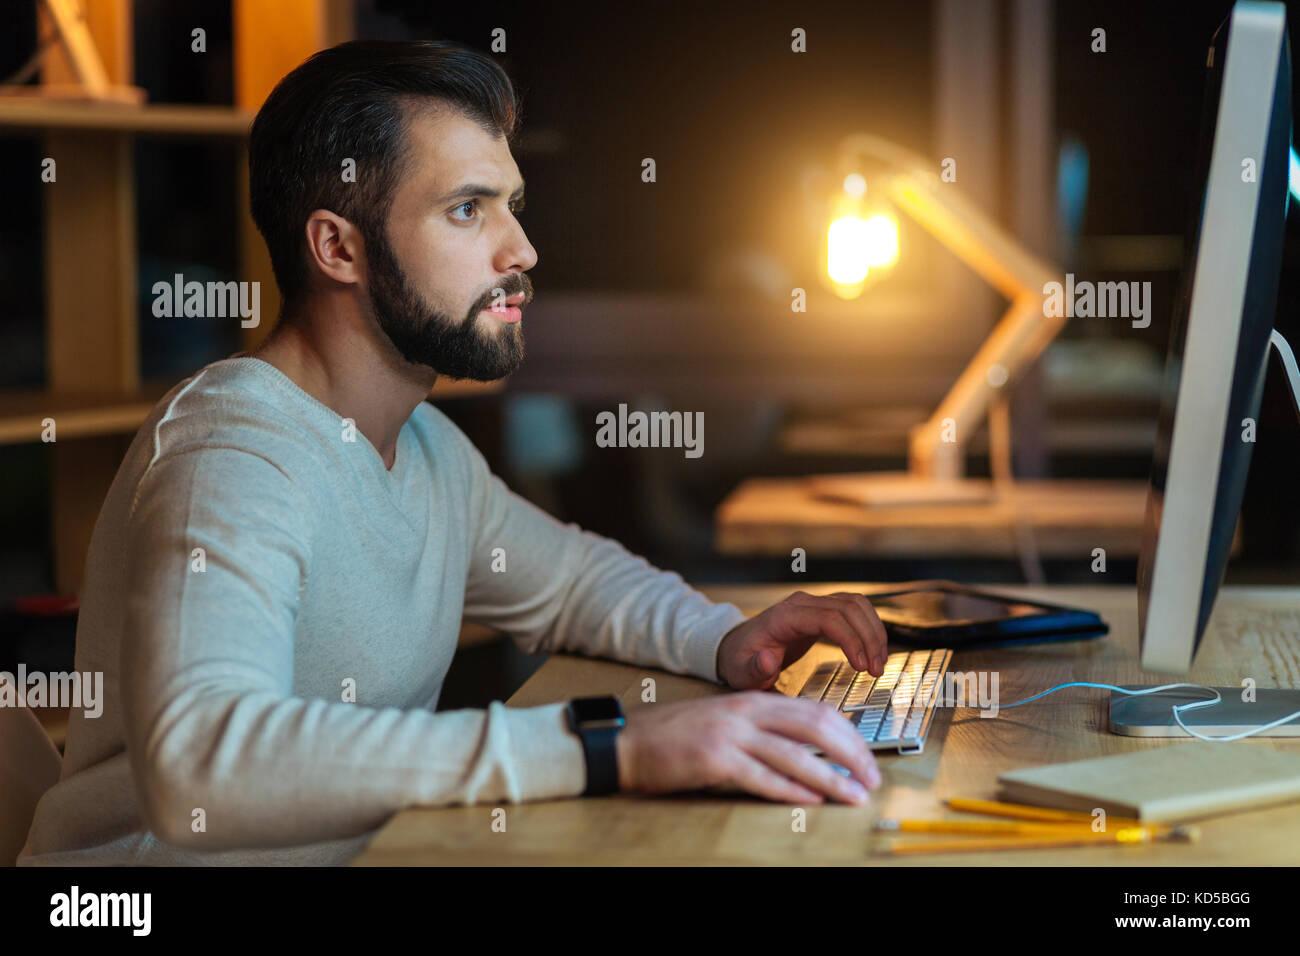 Atractivo trabajador profesional haciendo su trabajo Imagen De Stock